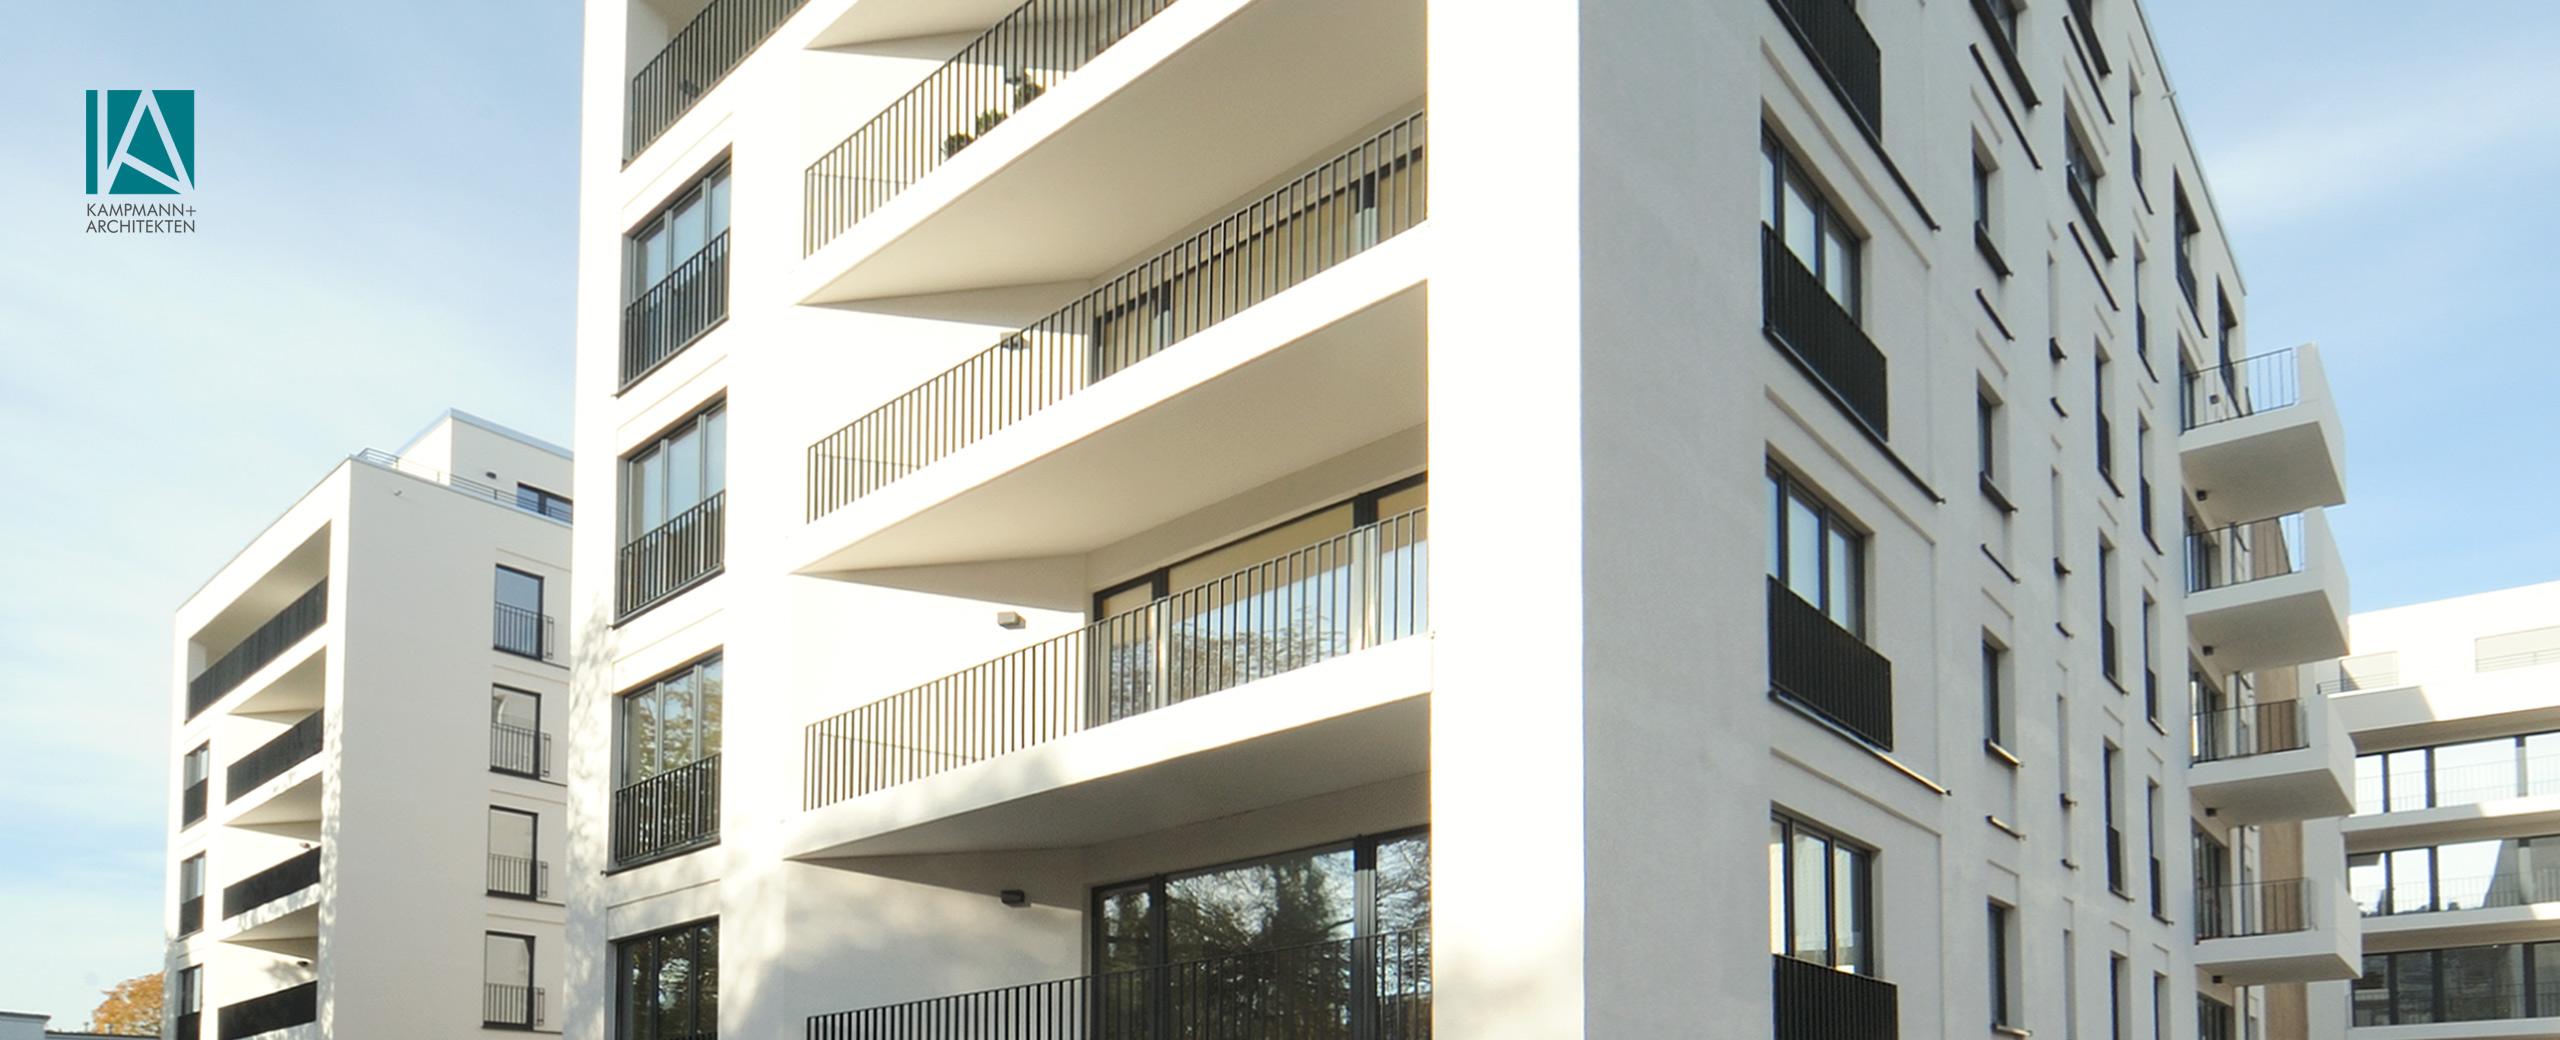 Kampmann Teaser Gebäude Haus Balkon Architekten